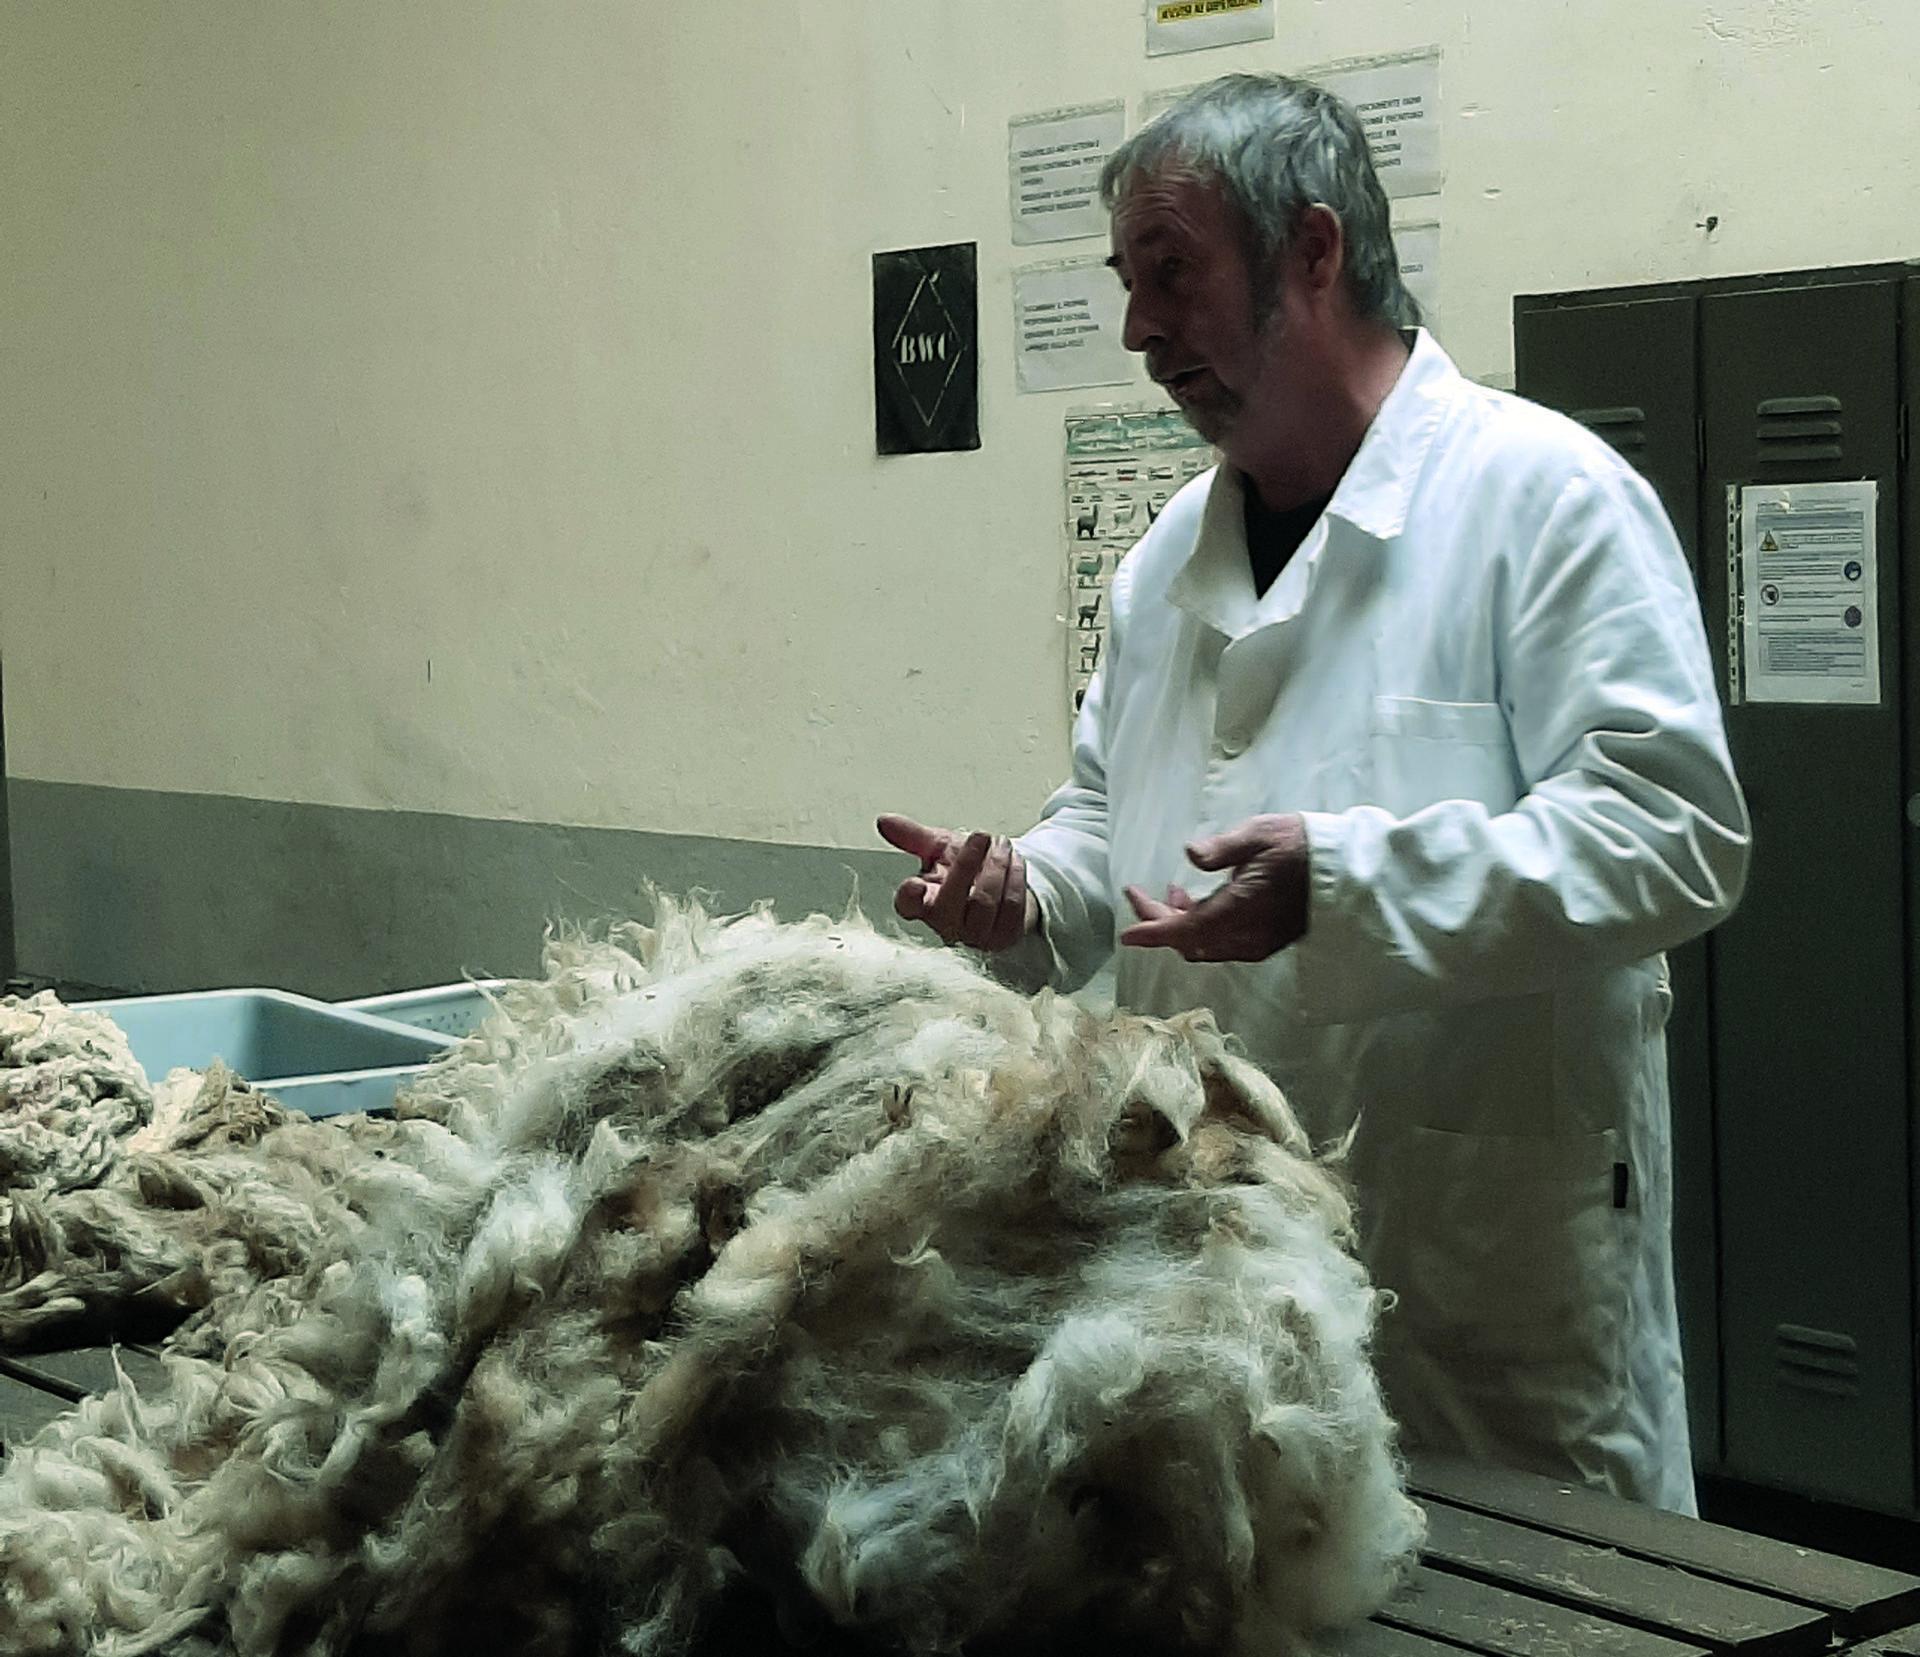 Nel biellese, incontro con Nigel Thompson, l'uomo della lana